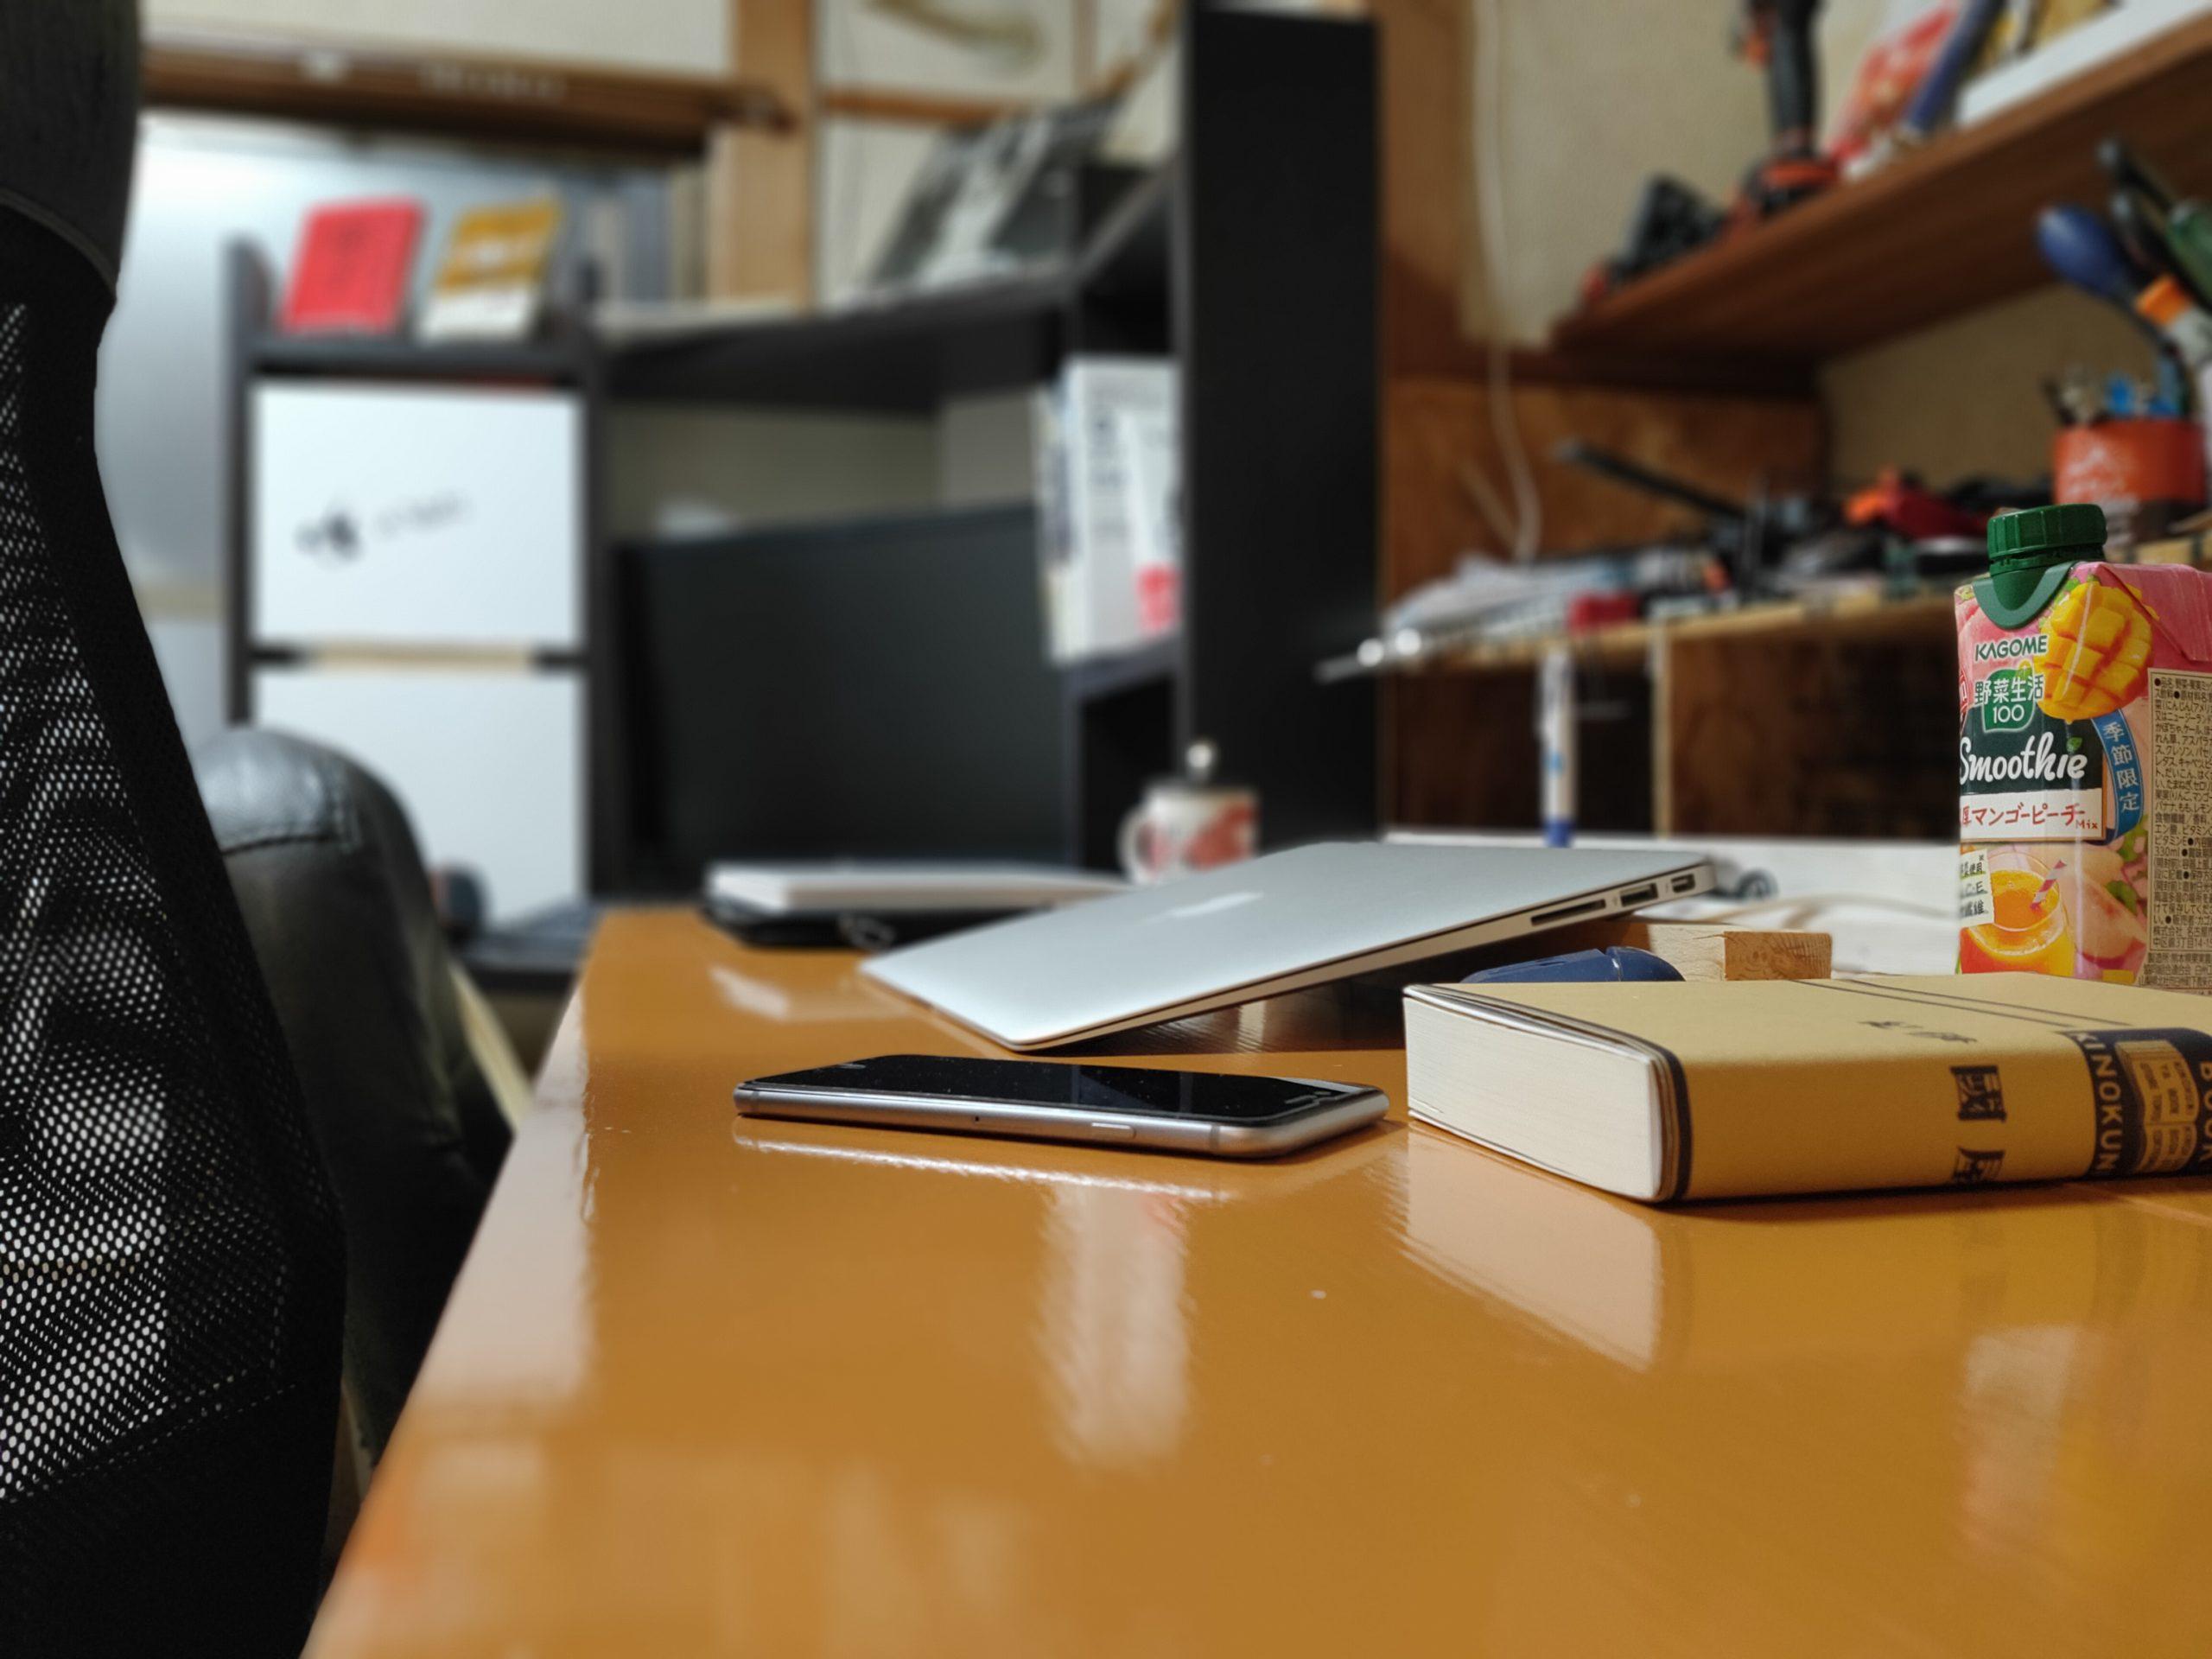 コロナでおうち時間が増えたのでDIYしたら、作業部屋がめちゃくちゃ過ごしやすくなった